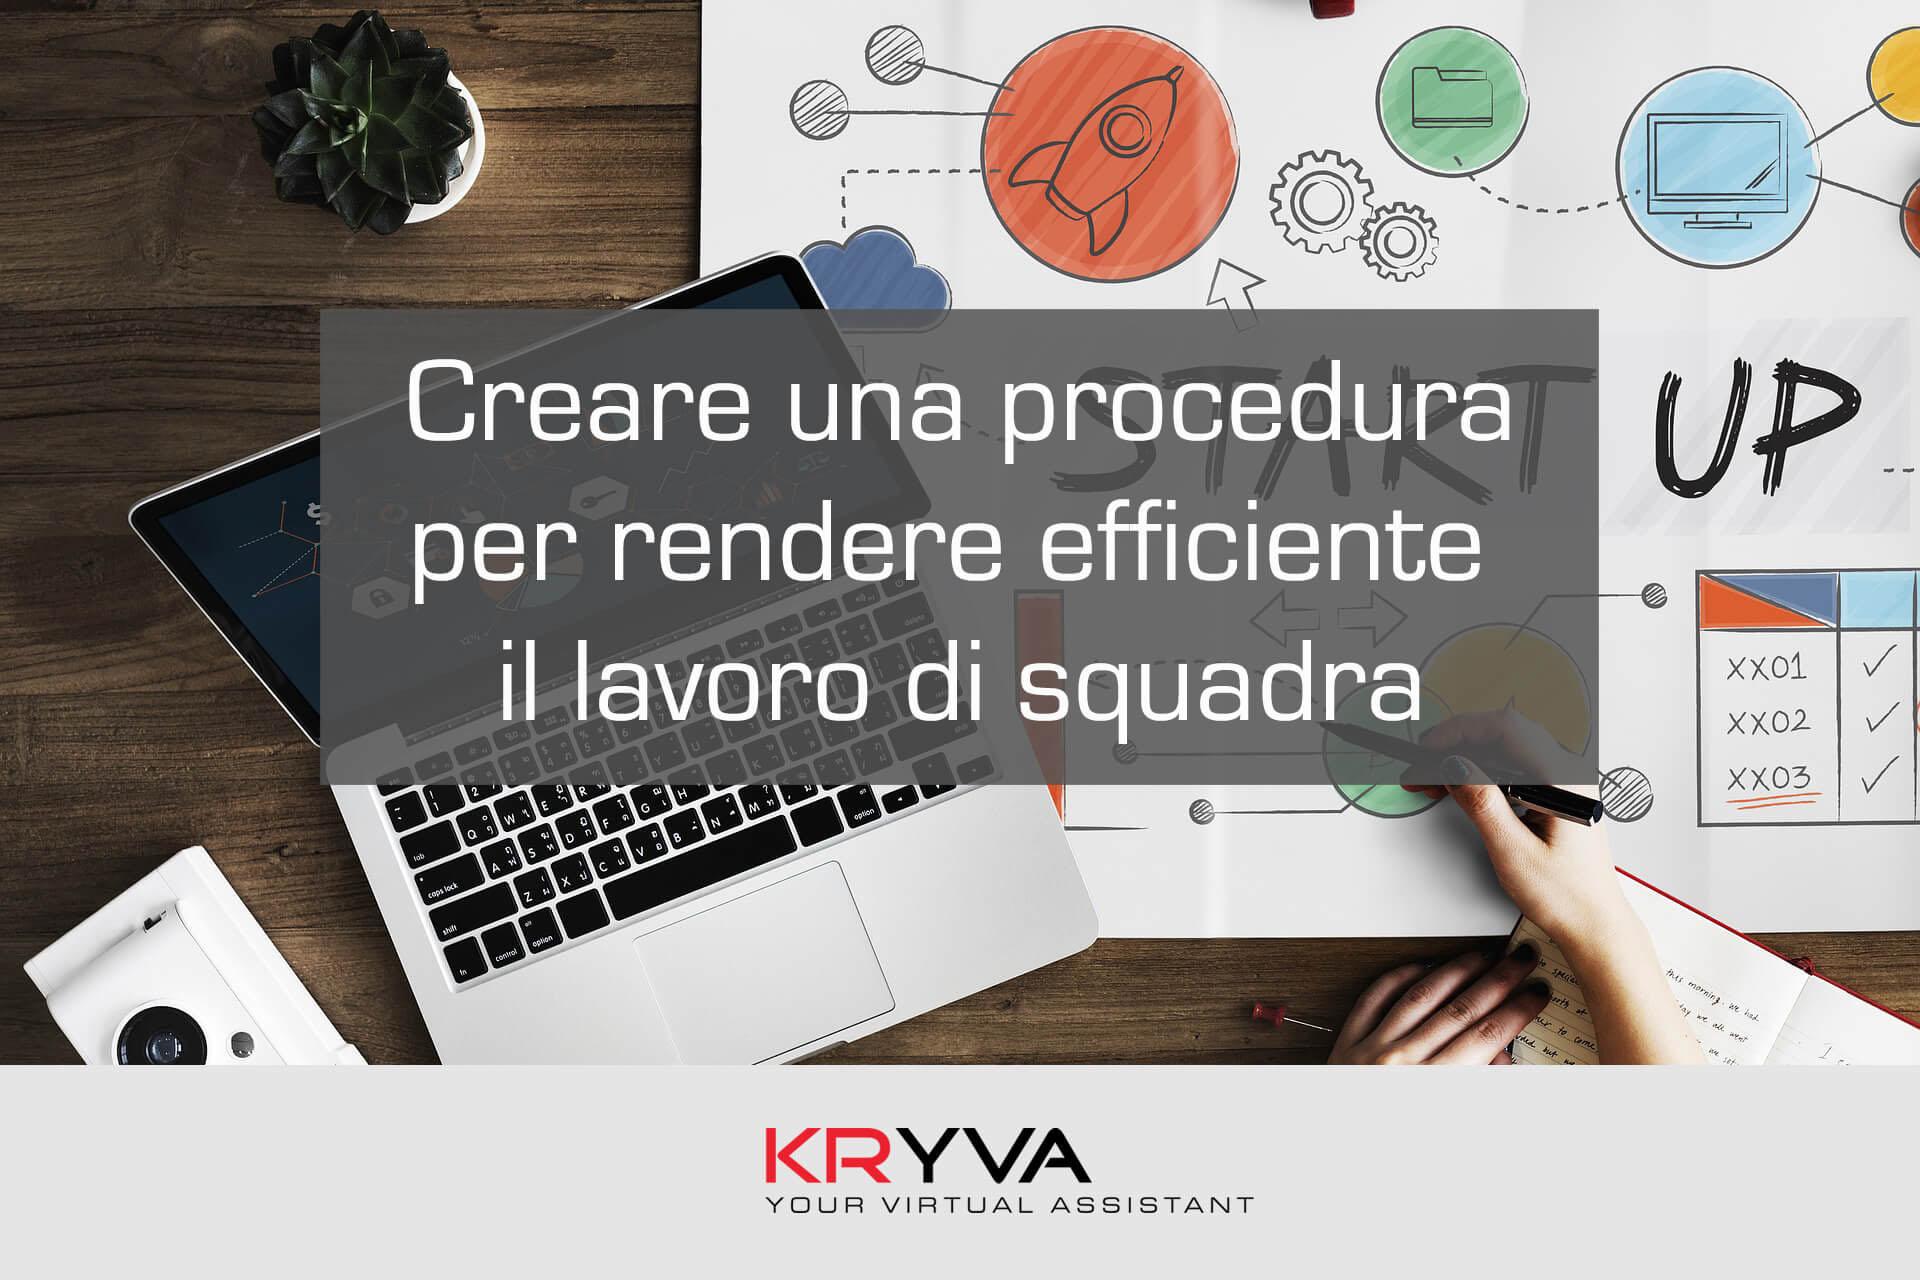 Creare una procedura per rendere efficiente il lavoro di squadra